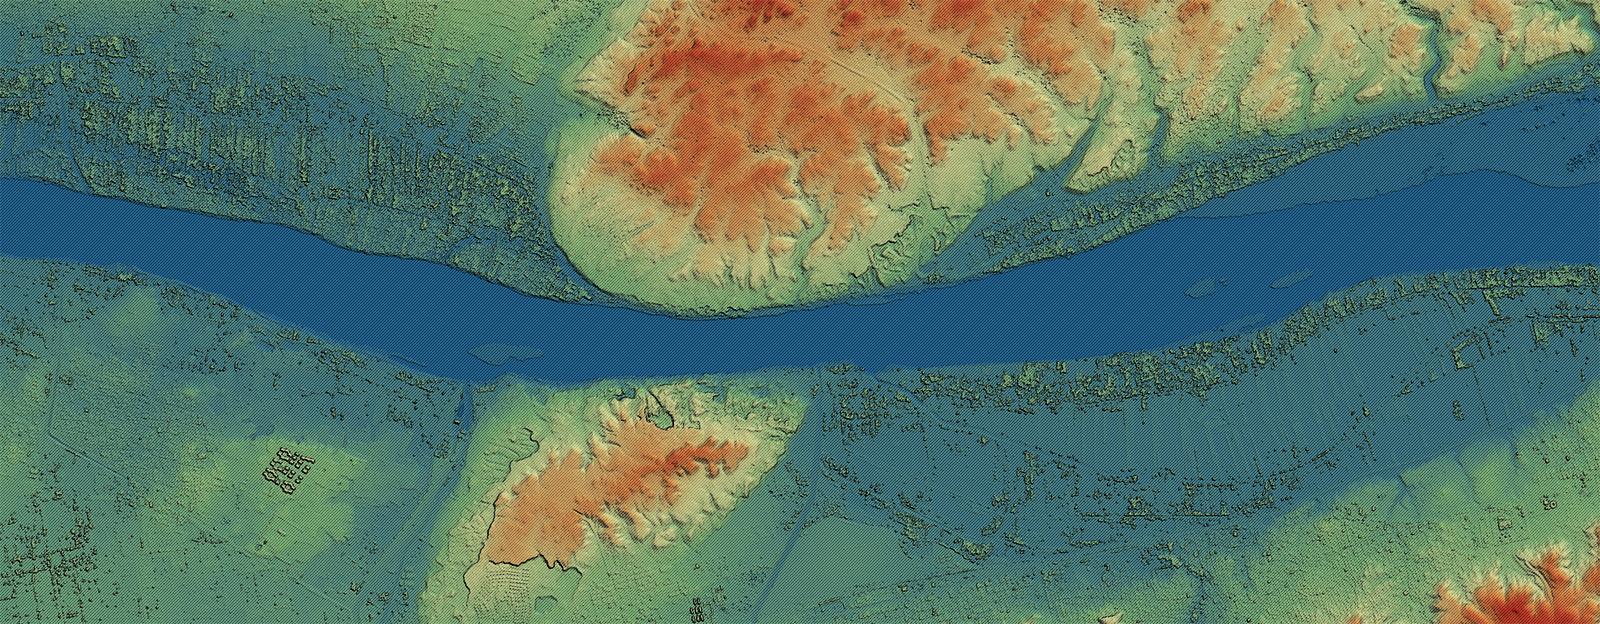 archeo3D • reconstitution de sites et de monuments archéologiques